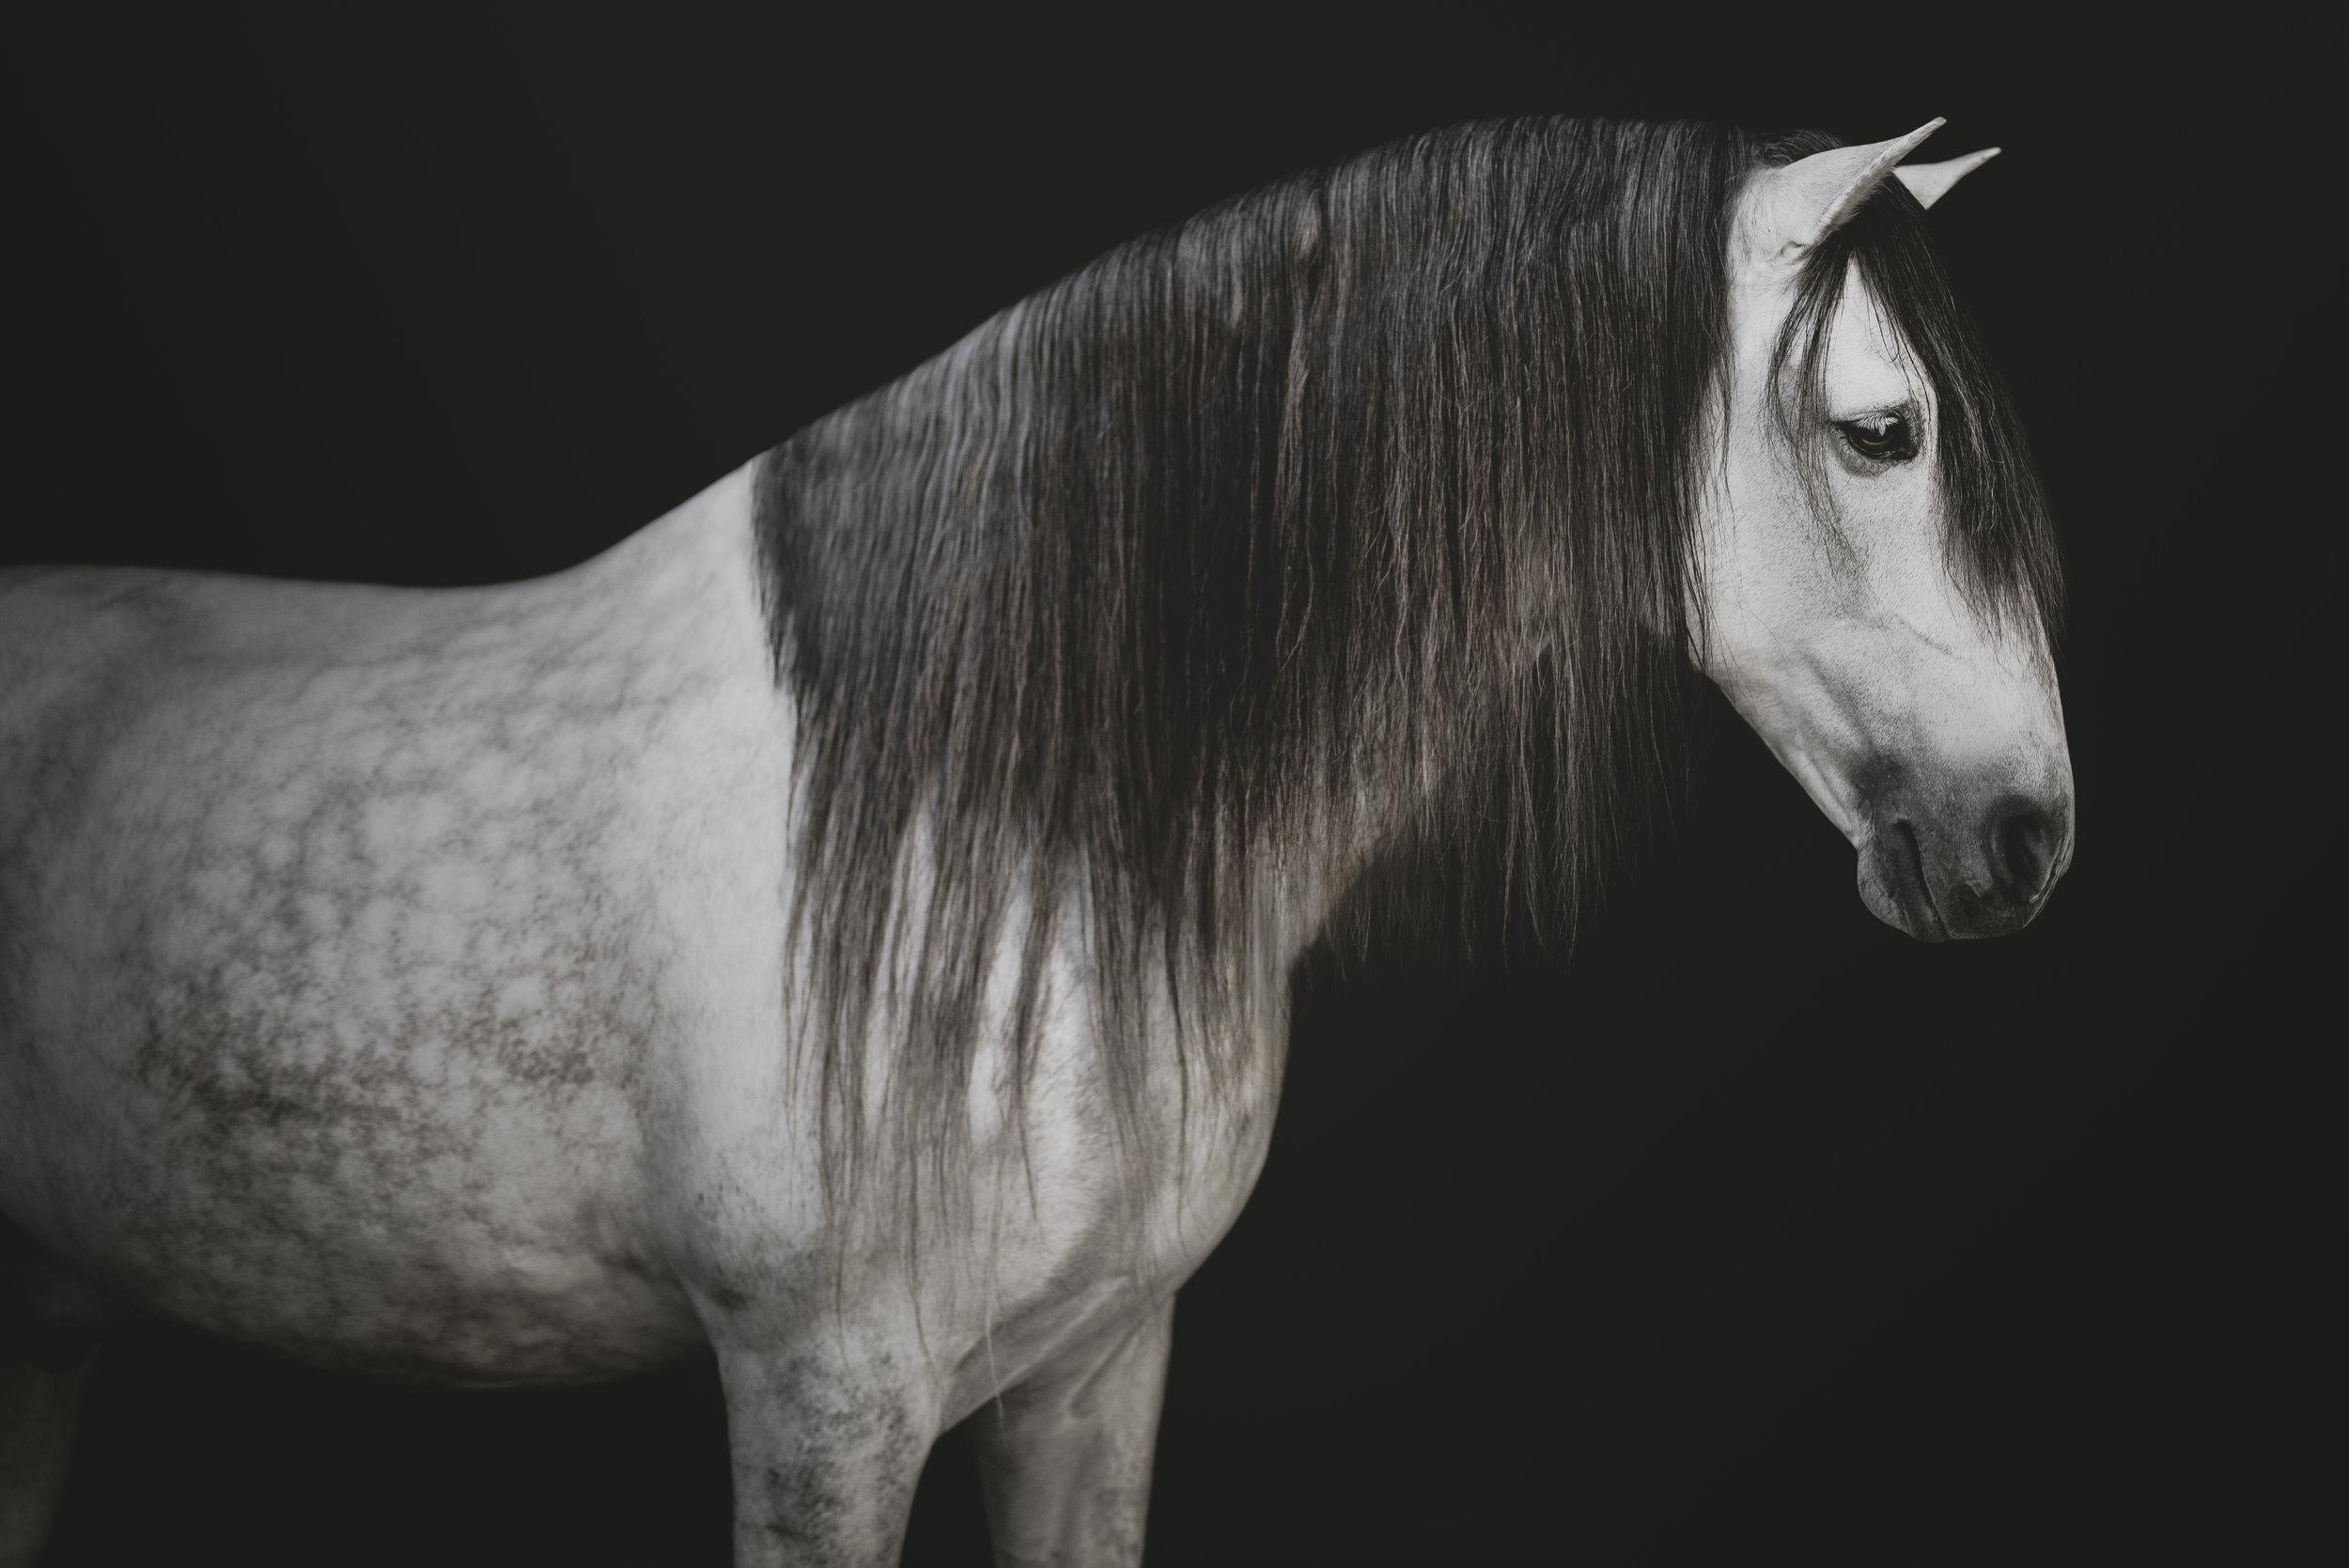 medevialtimes_horseportraits_edited-9.jpg